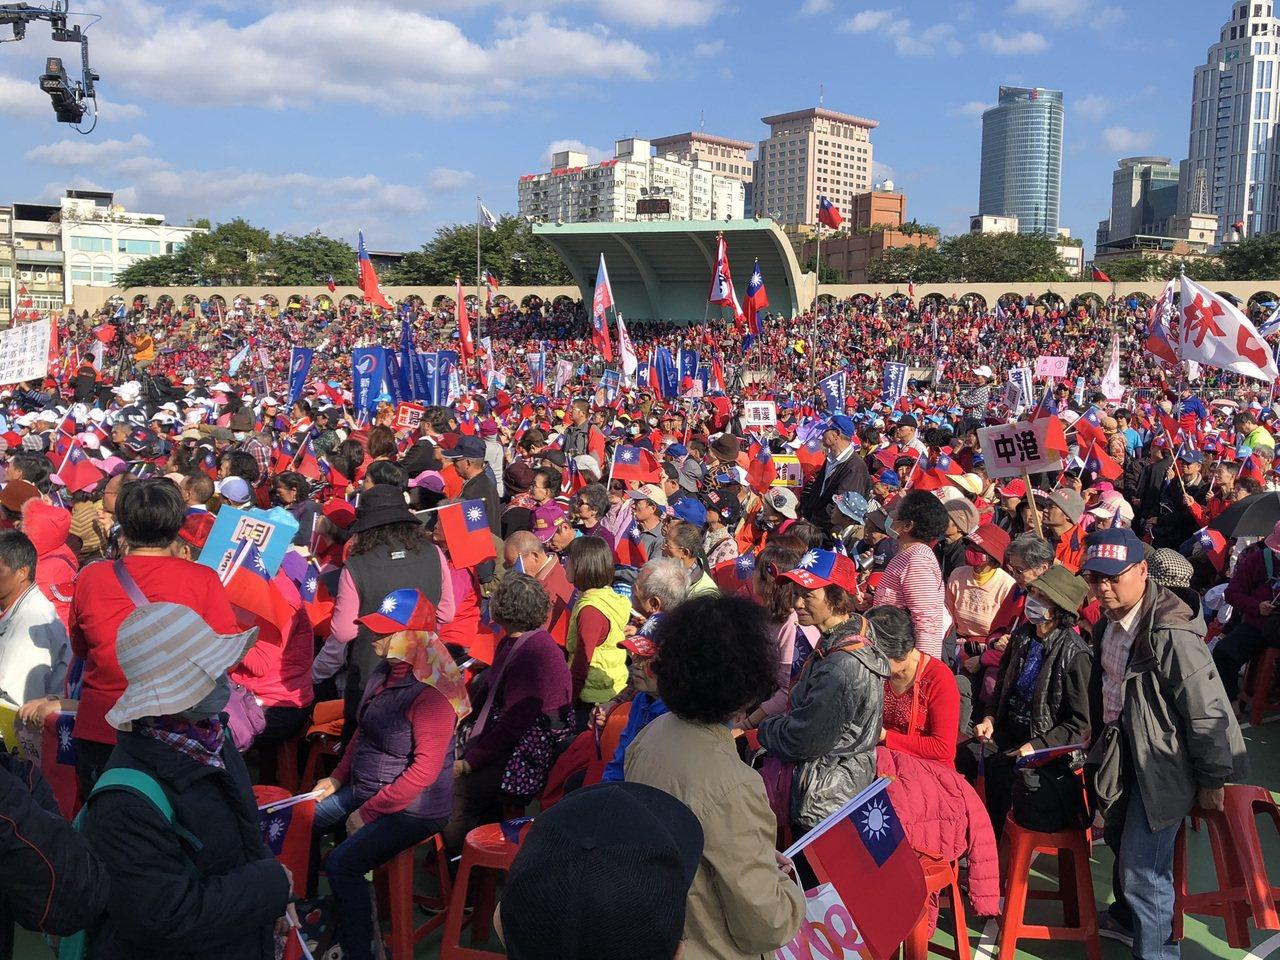 国民党总统候选人韩国瑜今在板桥第二运动场举办造势活动,主持人喊出现场超过6万人。...